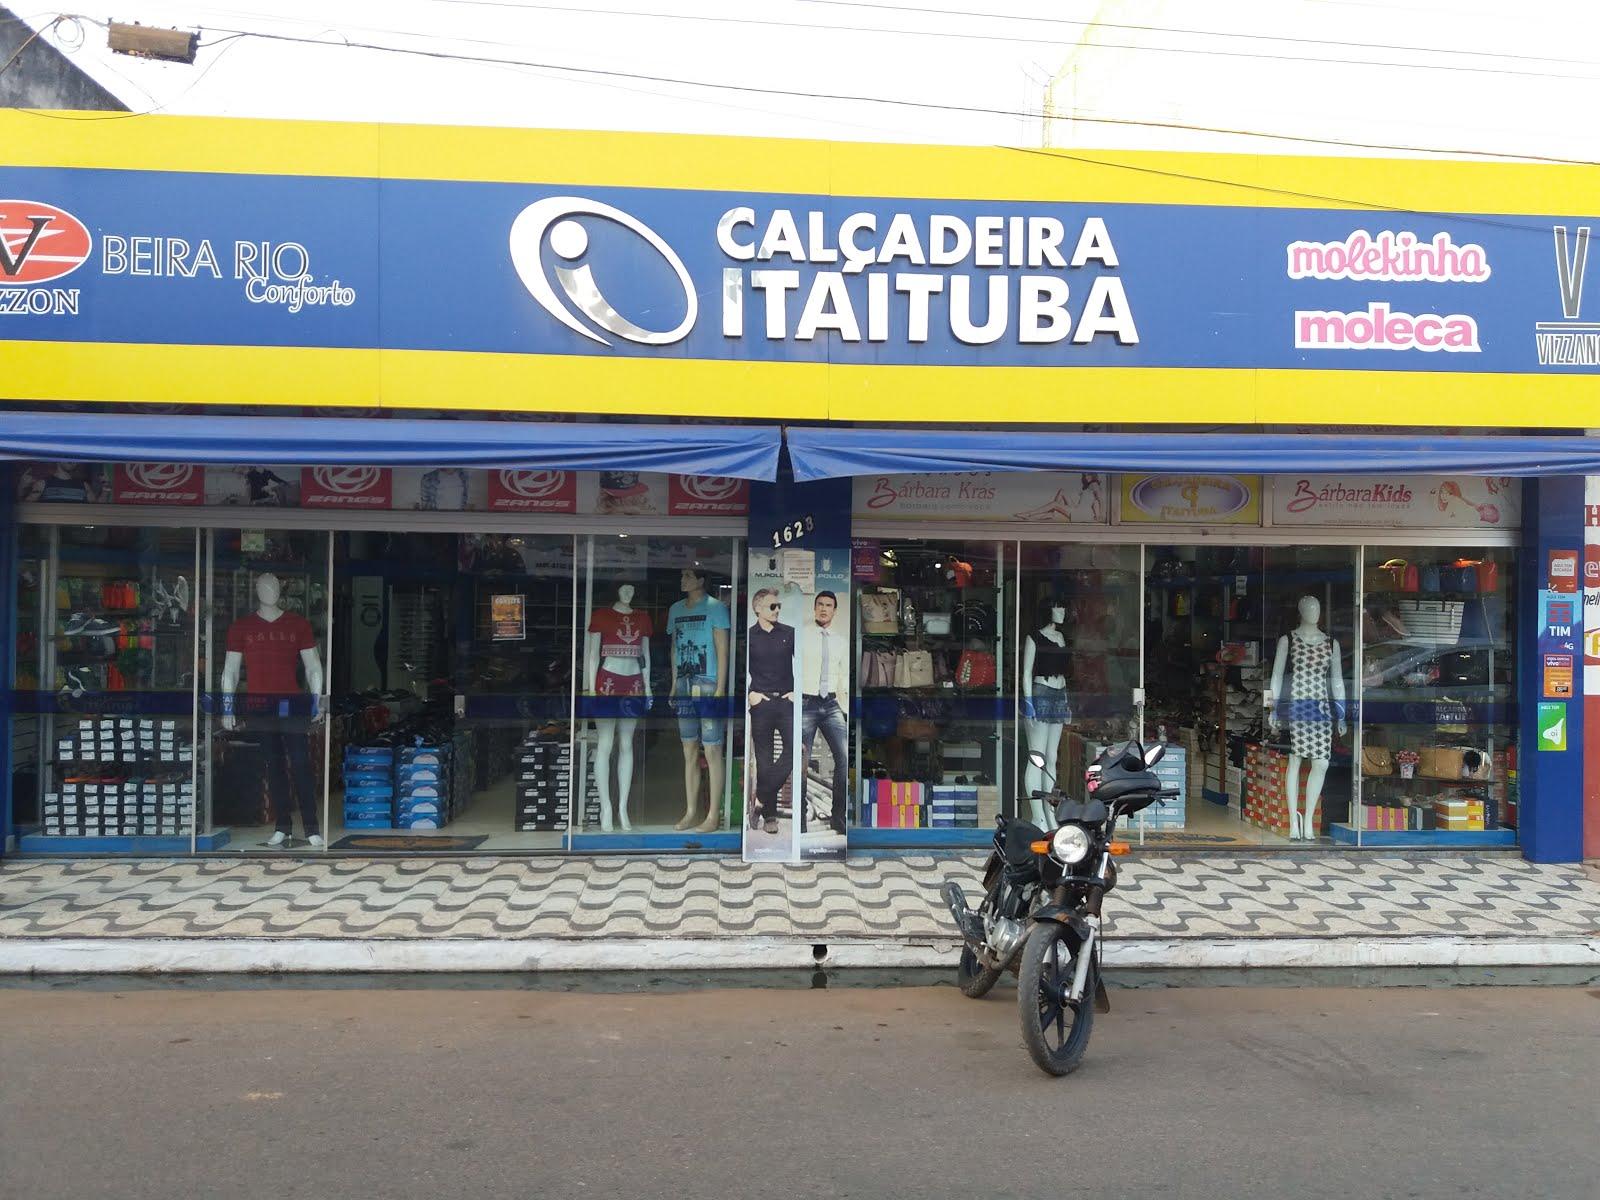 Calçadeira Itaituba